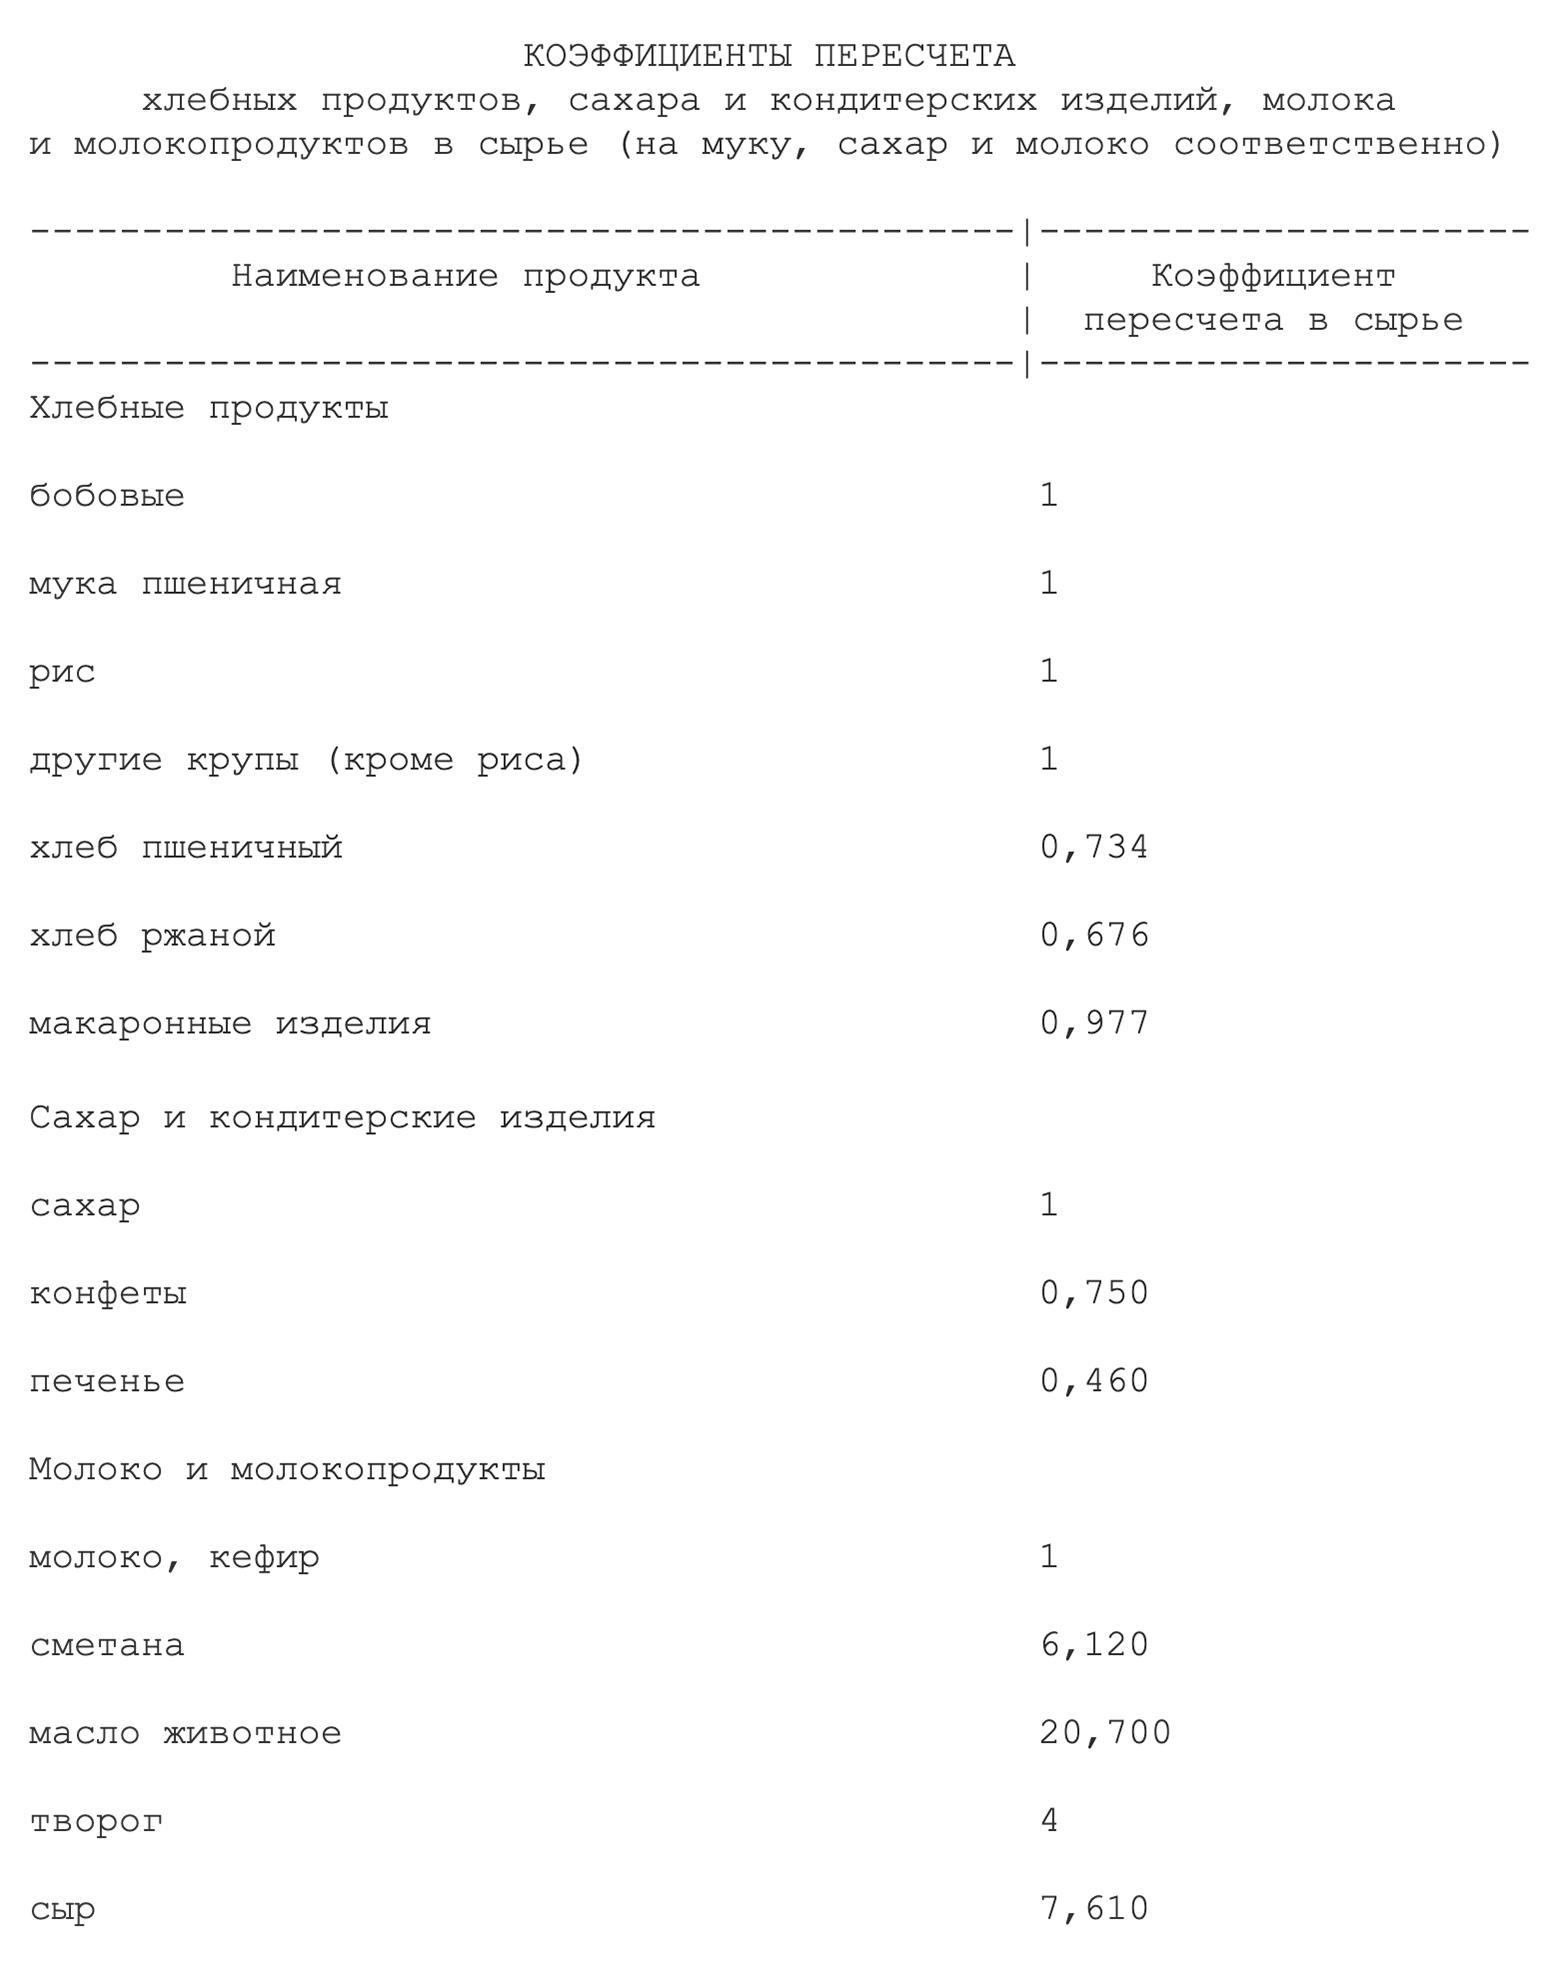 Килограмм ржаного хлеба считается как 676г муки, а кило творога — как 4 кг молока. Источник: постановление правительства России о правилах расчета прожиточного минимума в регионах